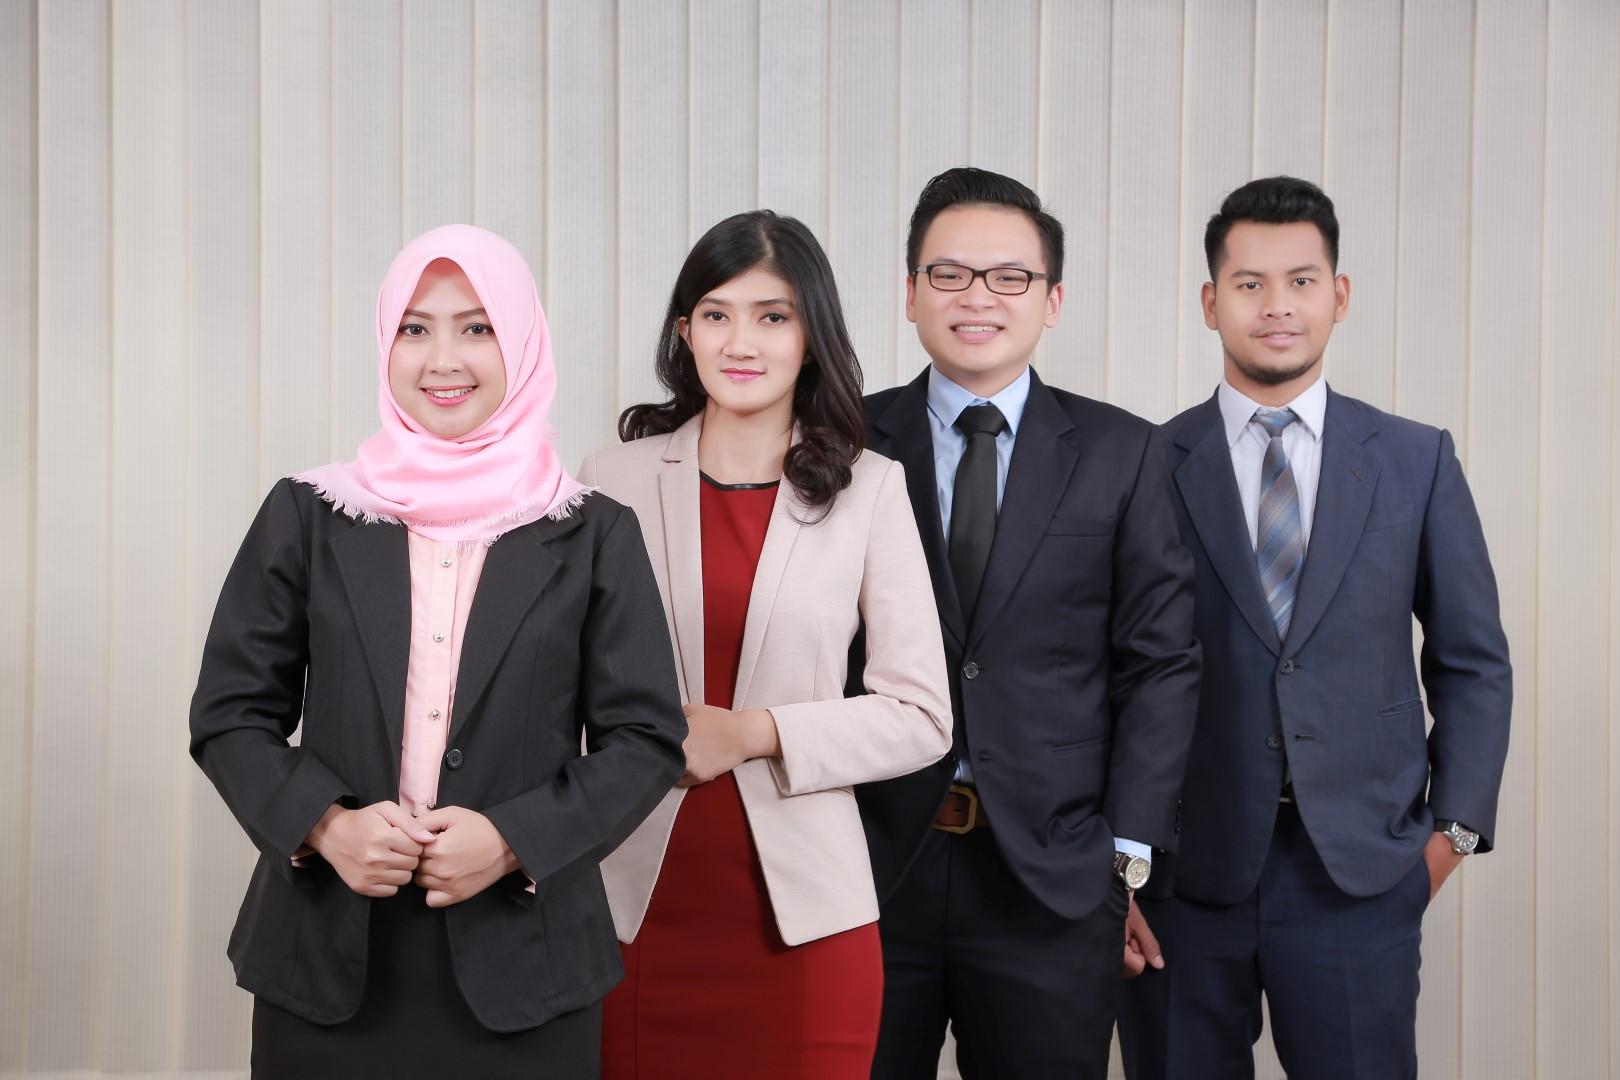 Corporate Photography Jakarta: 6 Gaya untuk Foto Profil Perusahaan